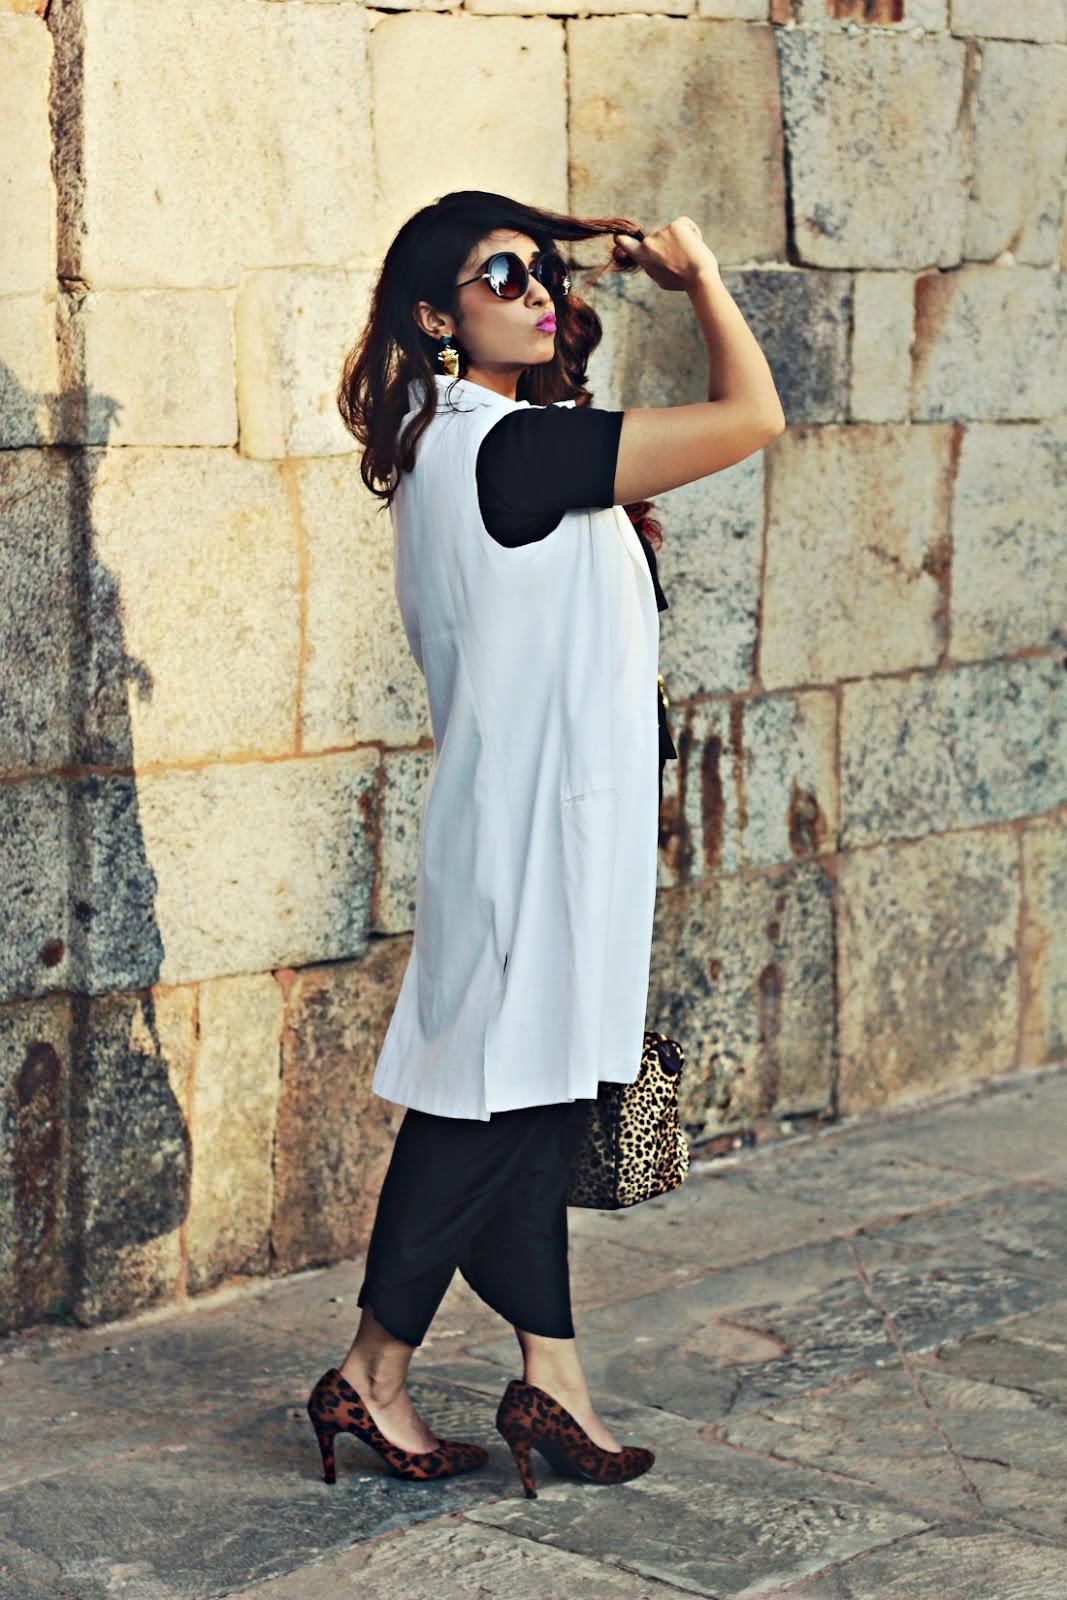 豹纹高跟鞋,印度时尚博客